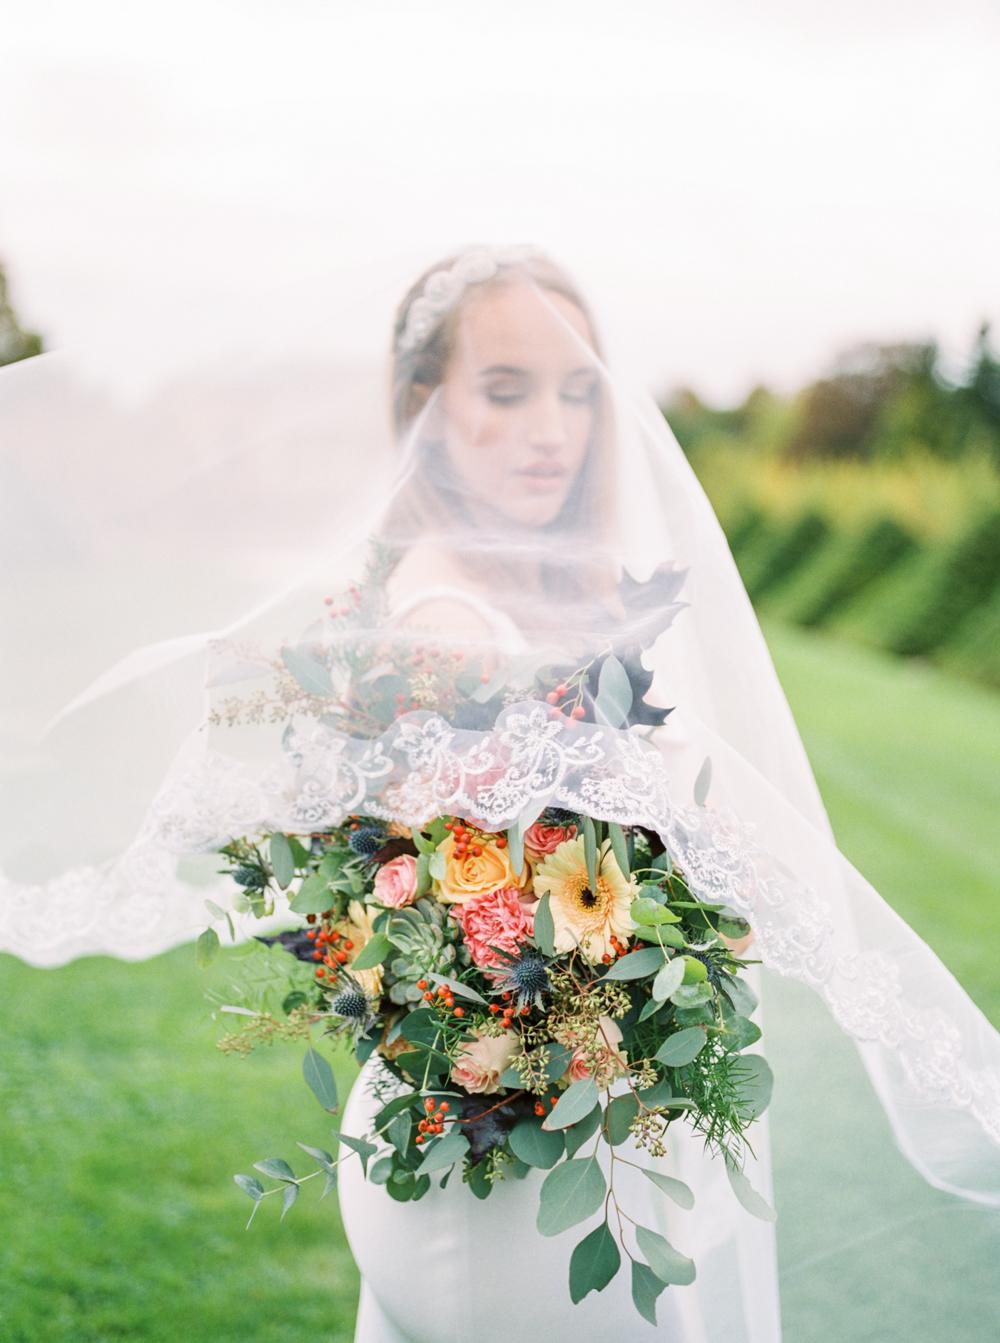 IsabelleSwedenGardens-ErikaAlvarengaPhotography-5.jpg